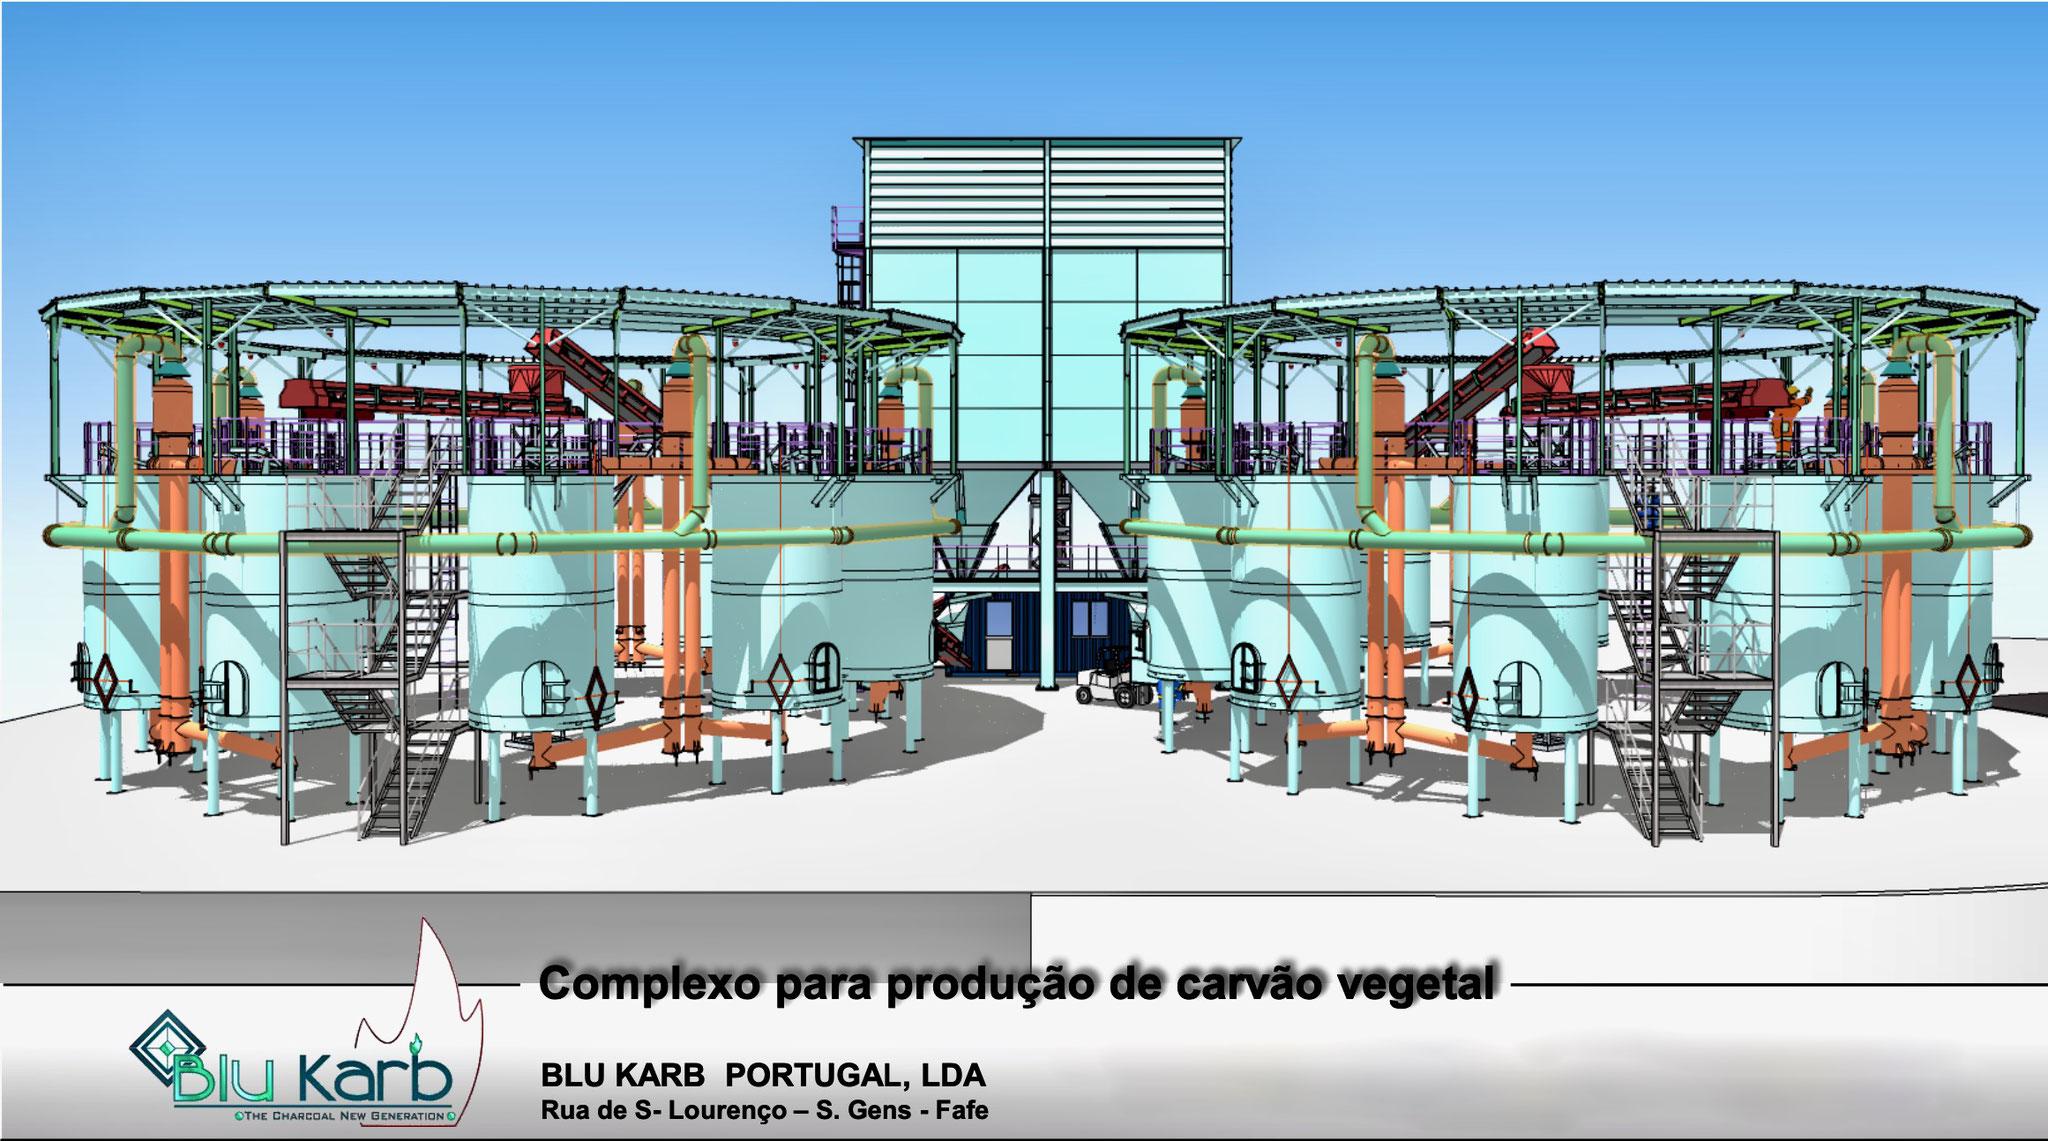 Visión general de los hornos de producción de carbón vegetal Blu Karb